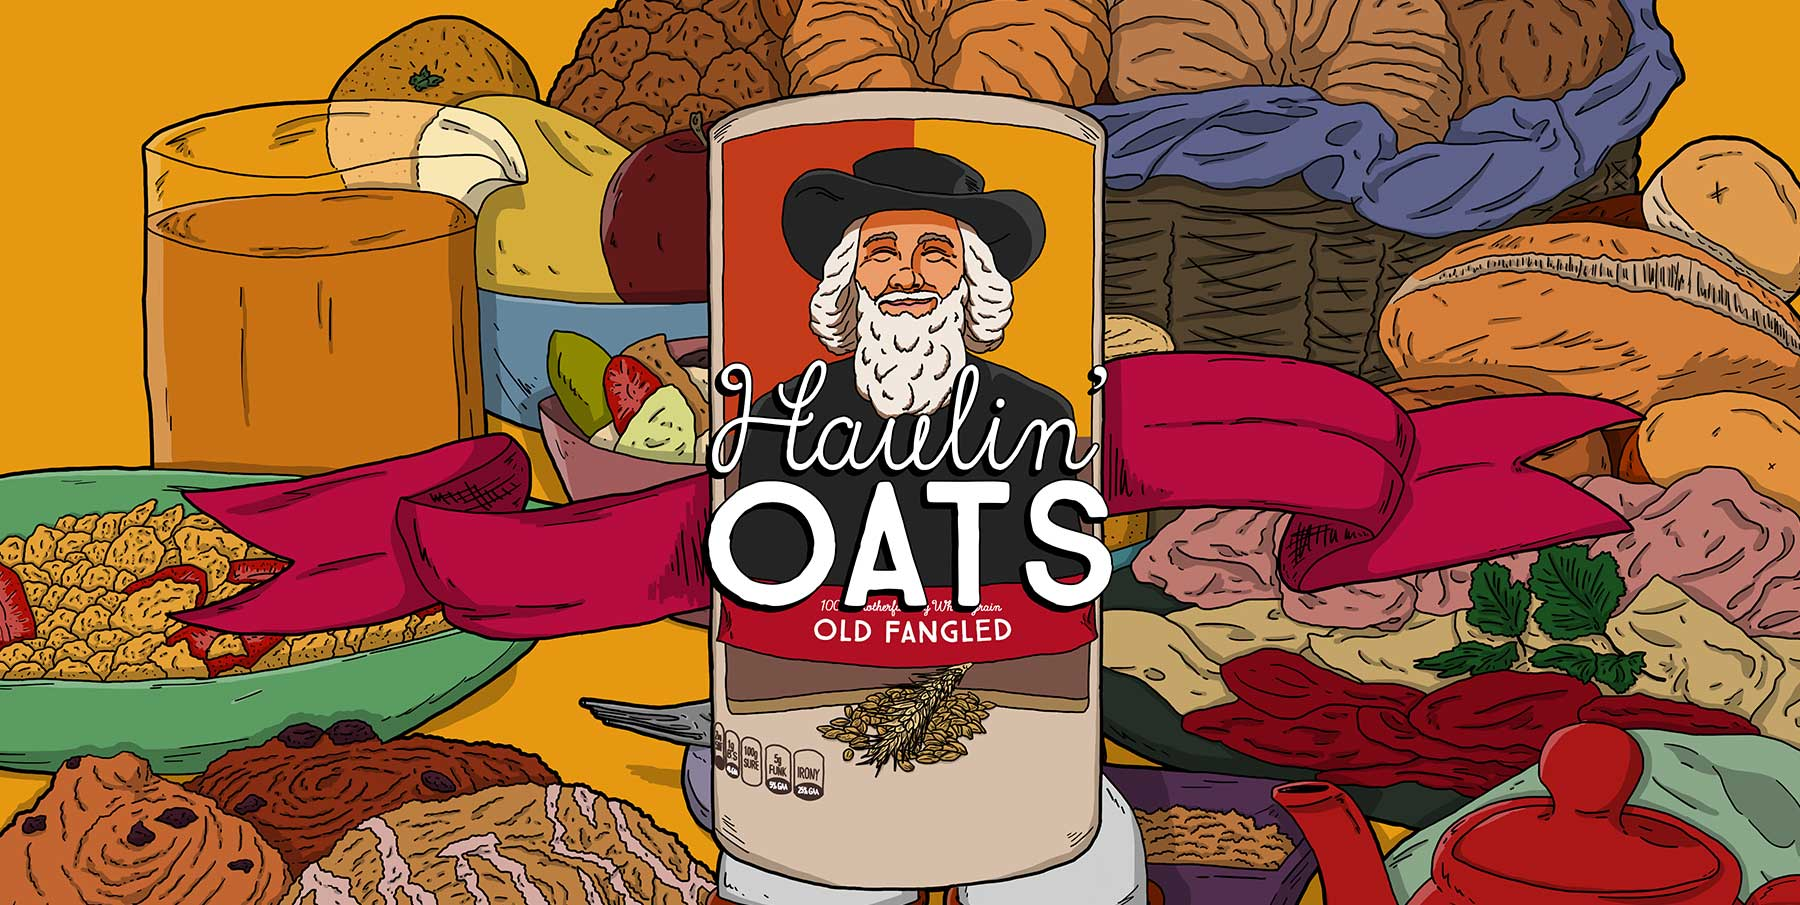 Haulin' Oats